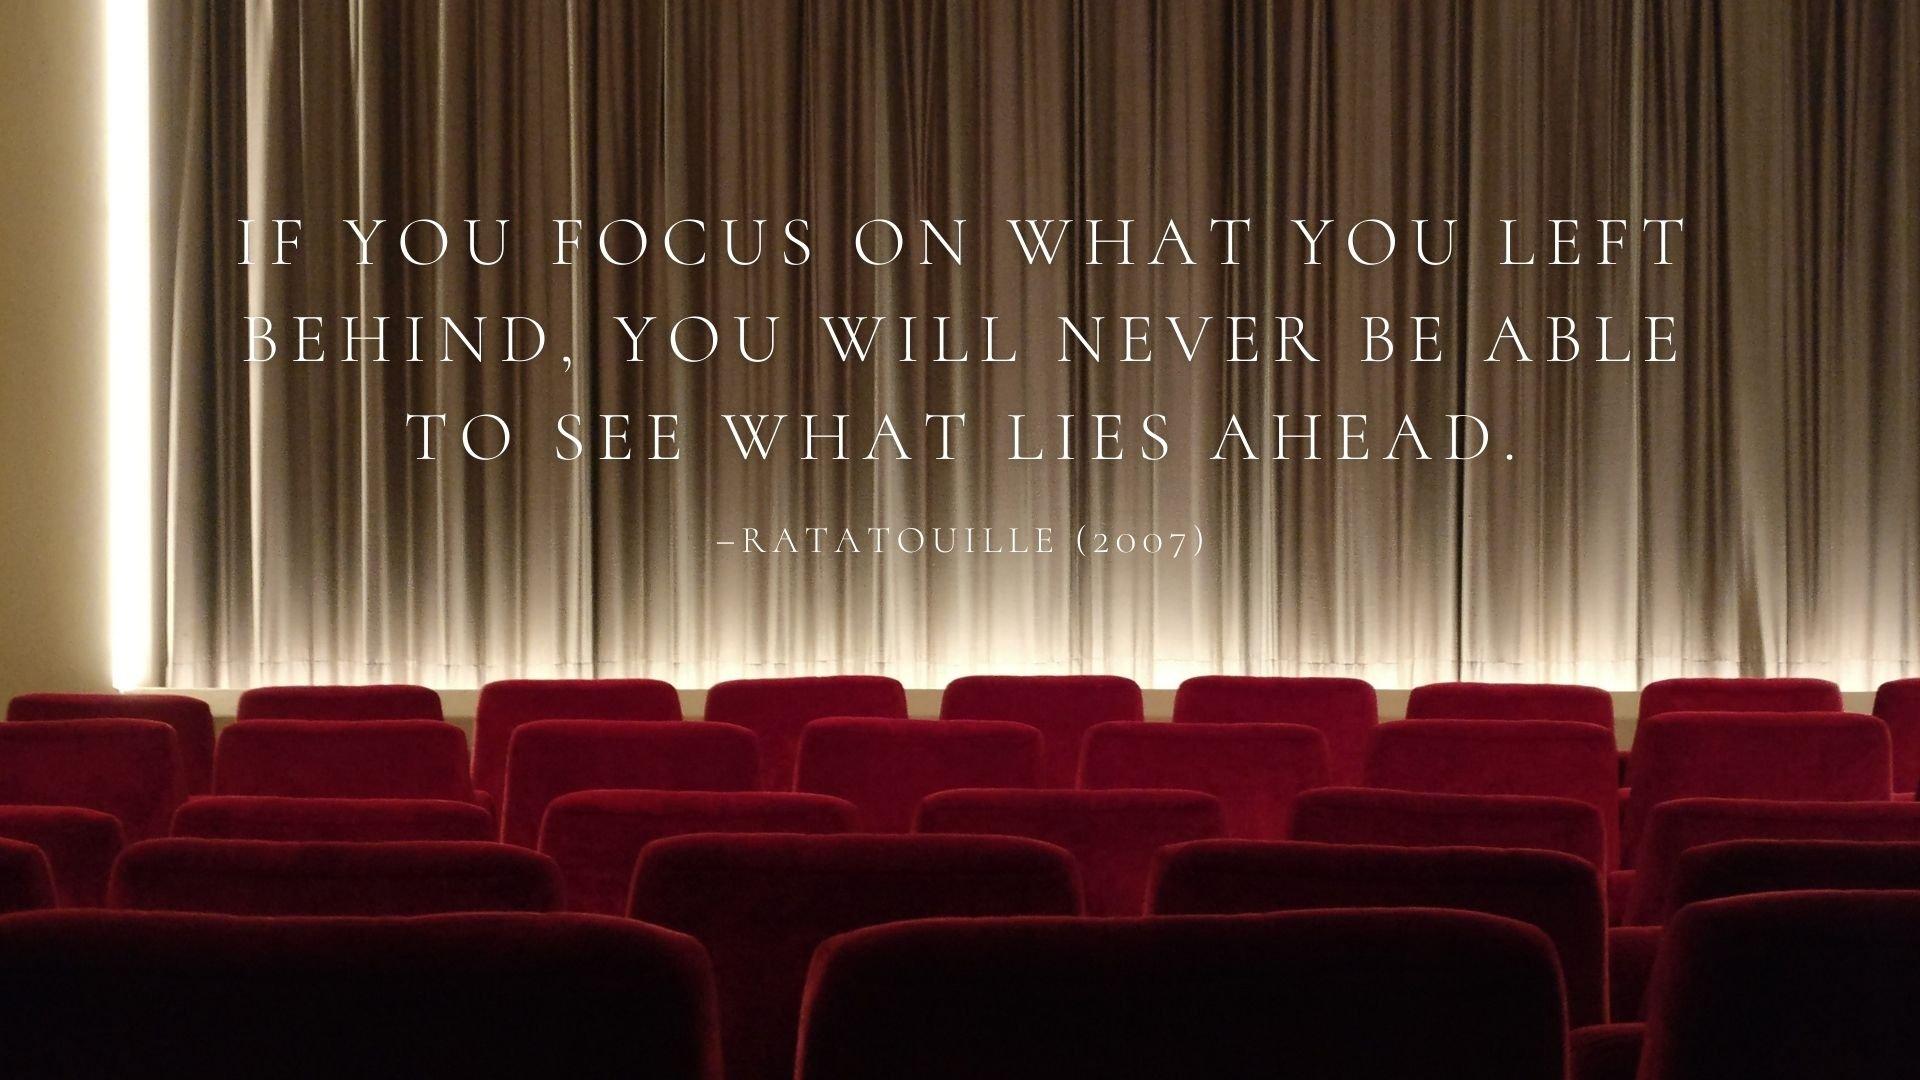 цитати успішних людей з фільмів, мотиваційні вислови та фрази з фільмів